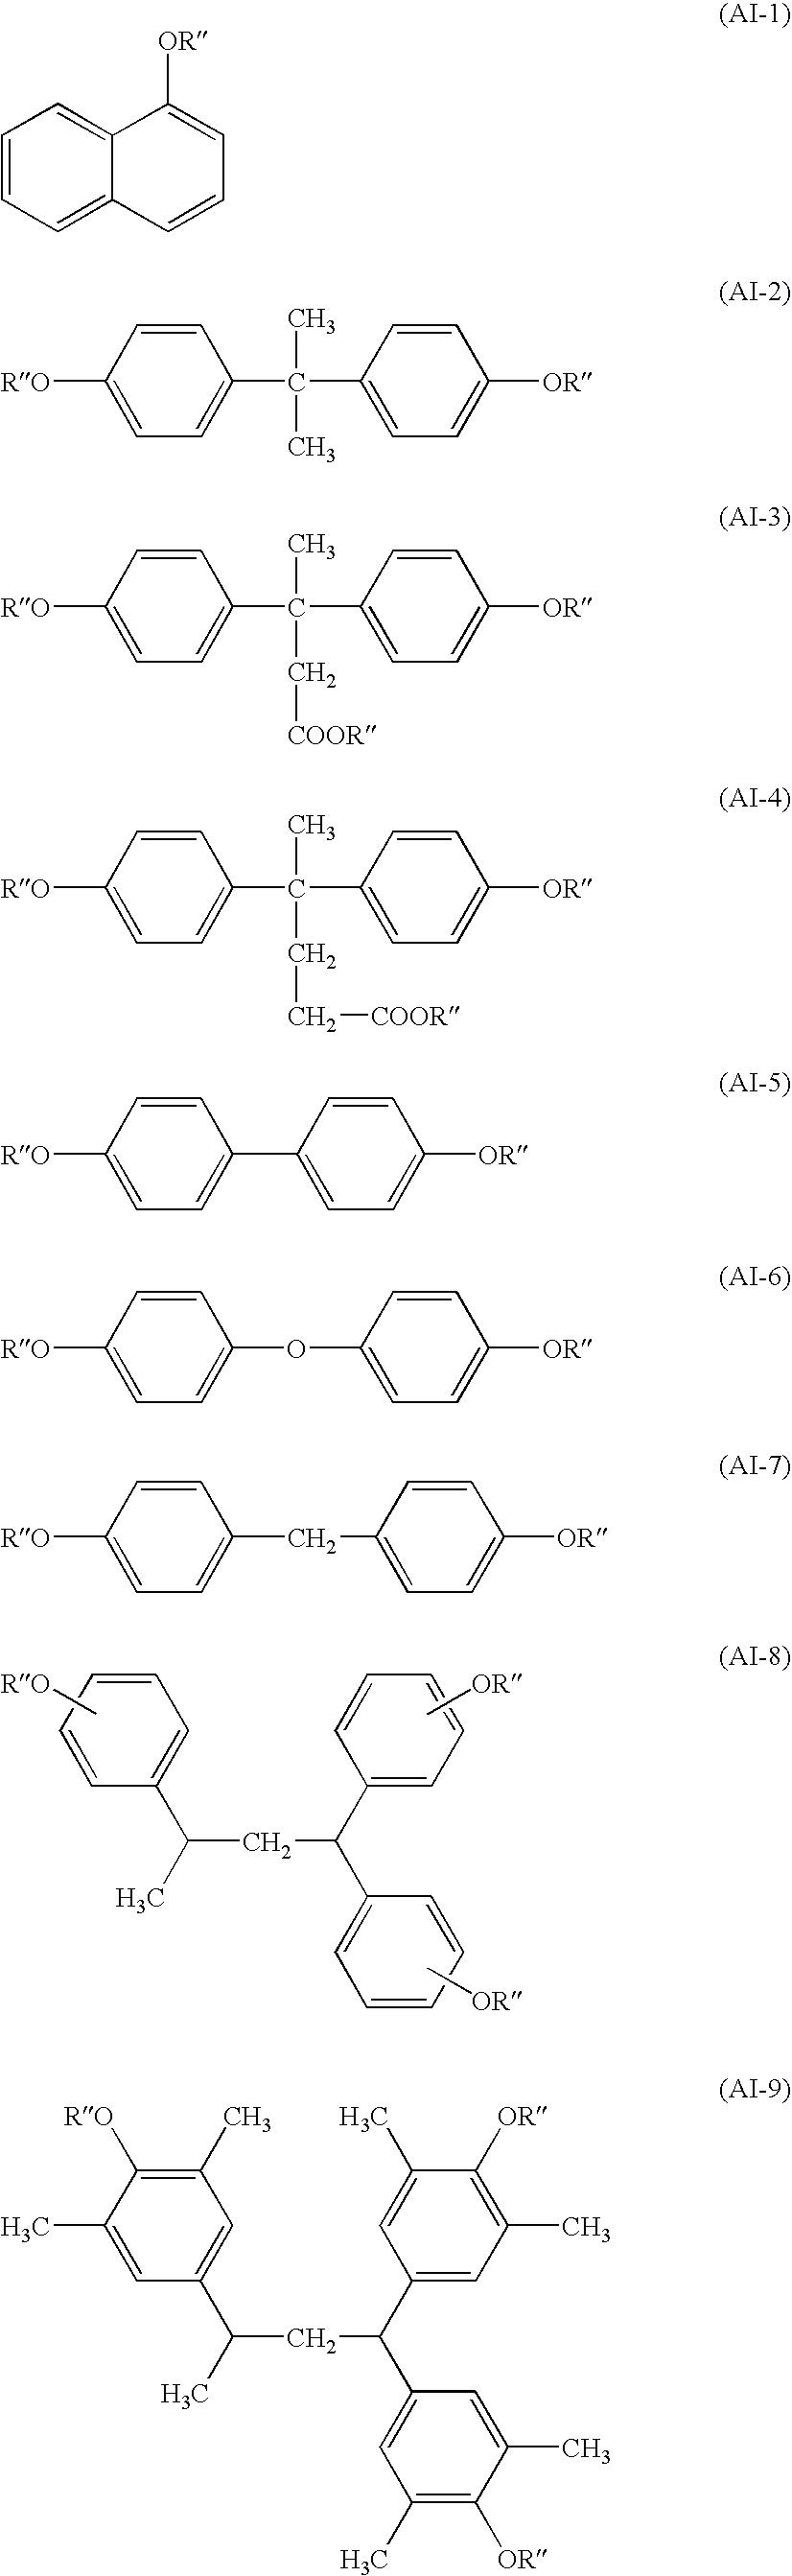 Figure US20090011365A1-20090108-C00089